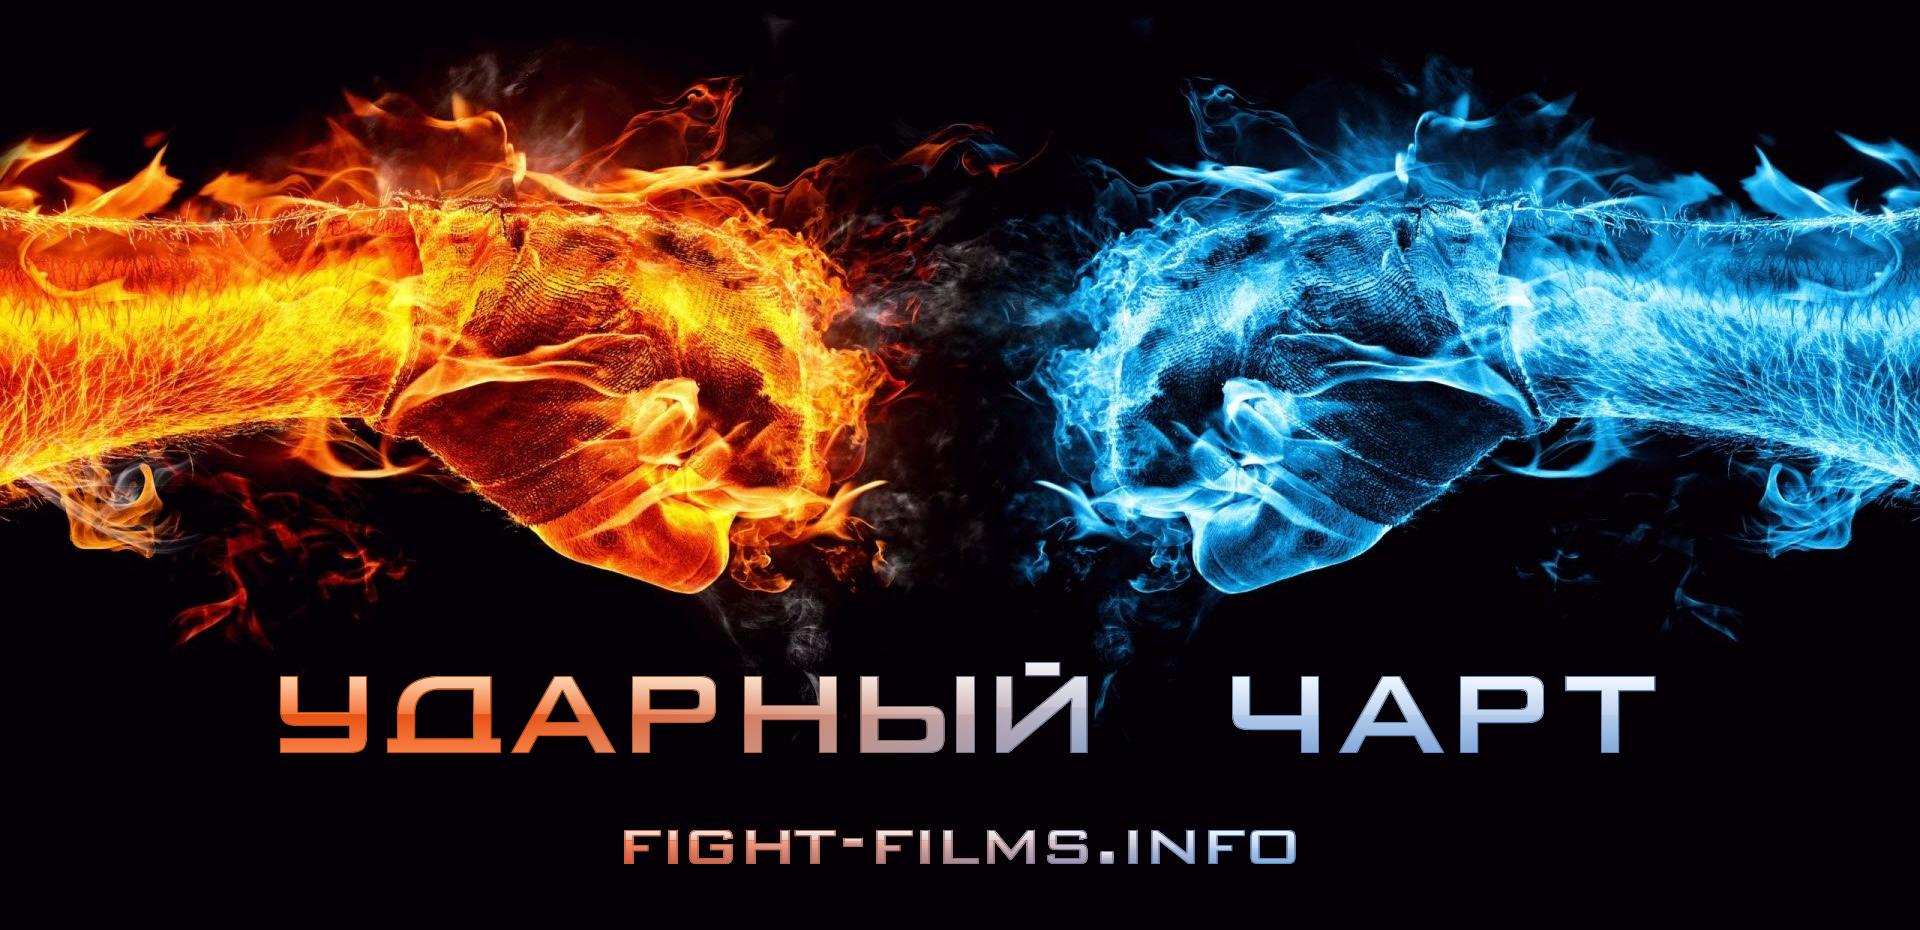 Ударный чарт (fight-films.info)